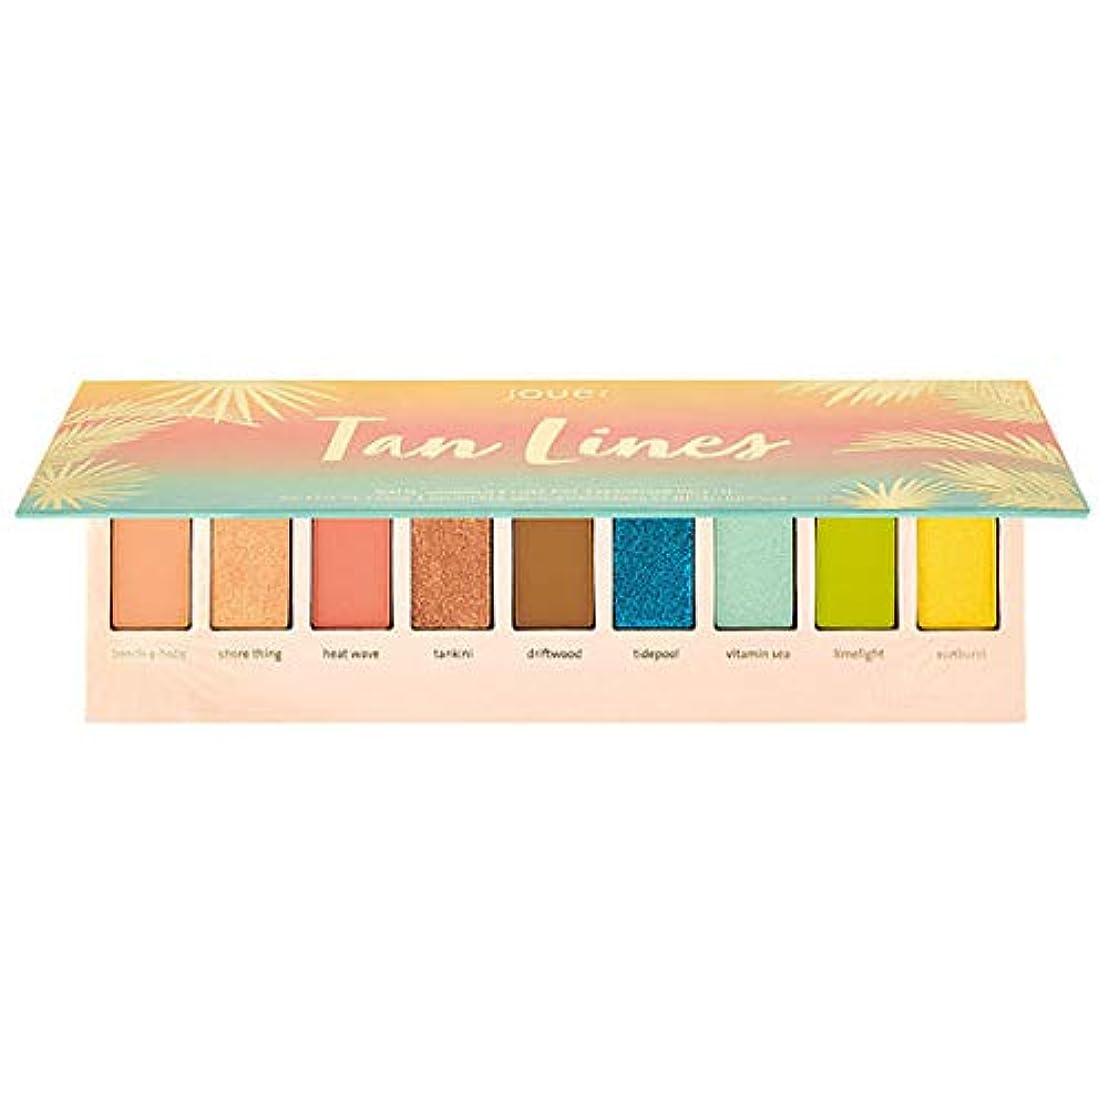 閉じ込めるすりソフィーJouer Cosmetics Tan Lines Matte, Shimmer & Luxe Foil Eyeshadow Palette